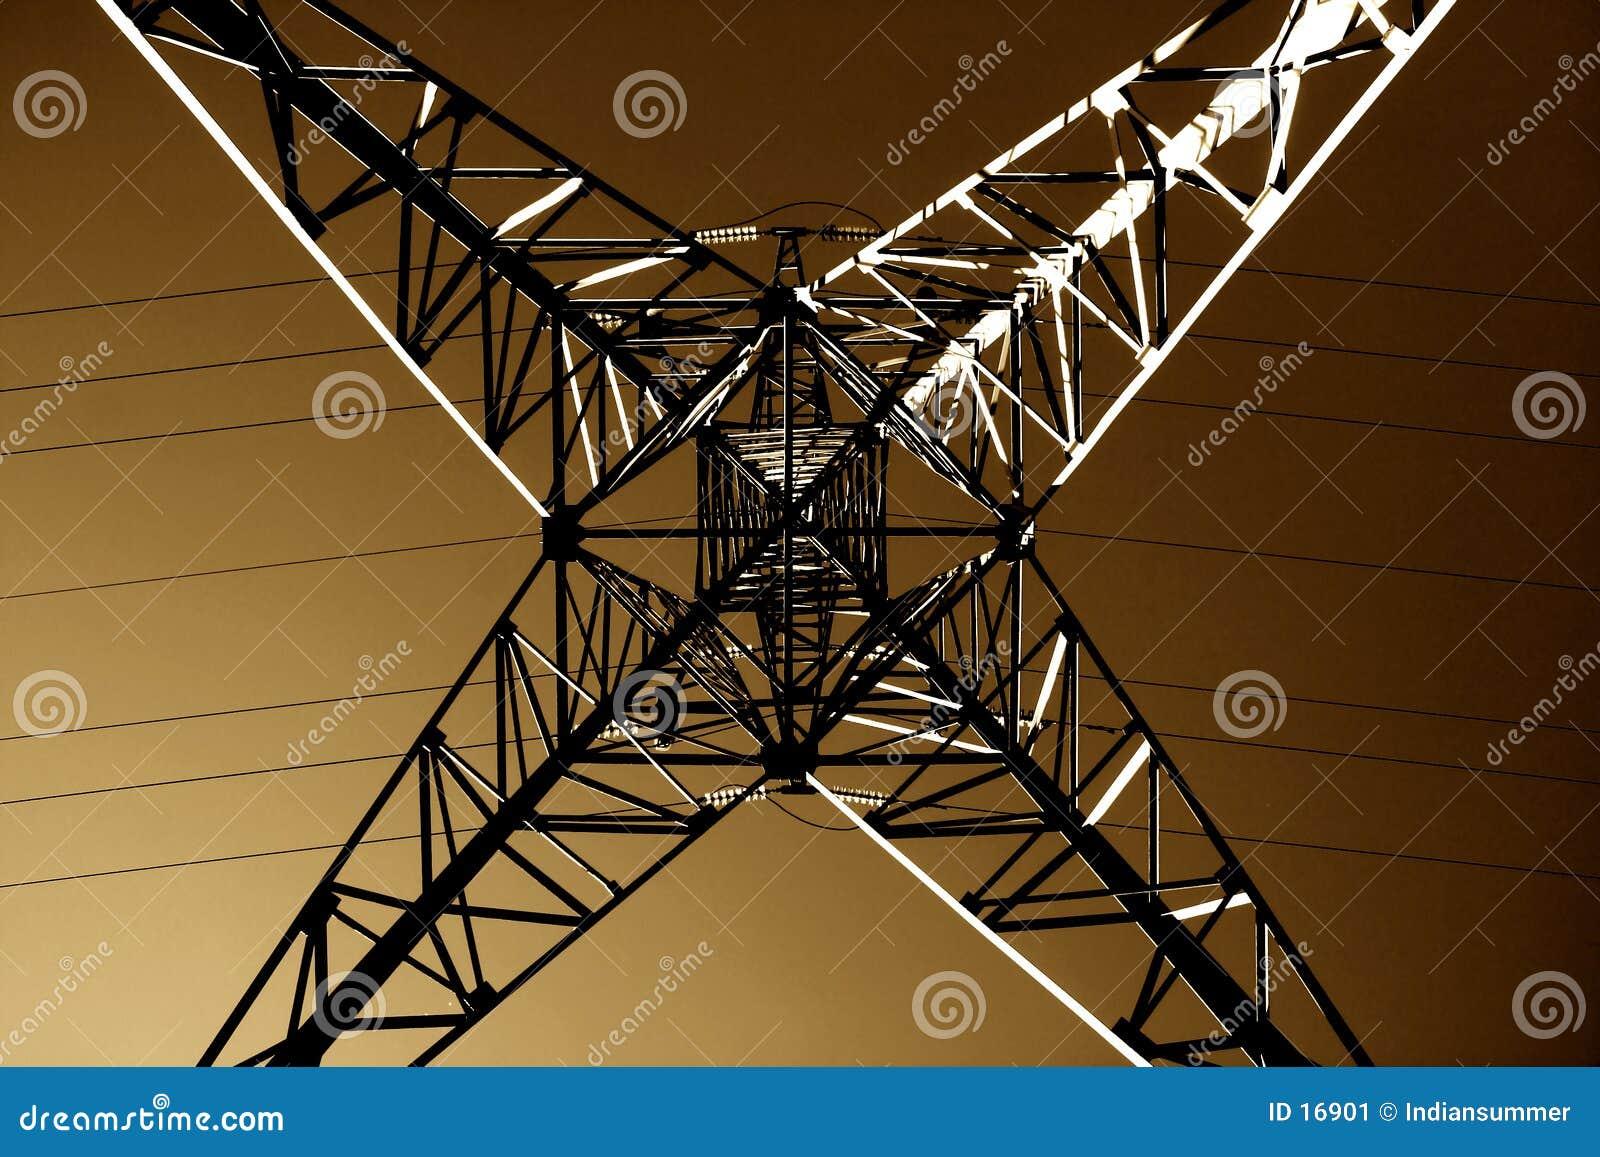 La géométrie de la ligne électrique, détaillée